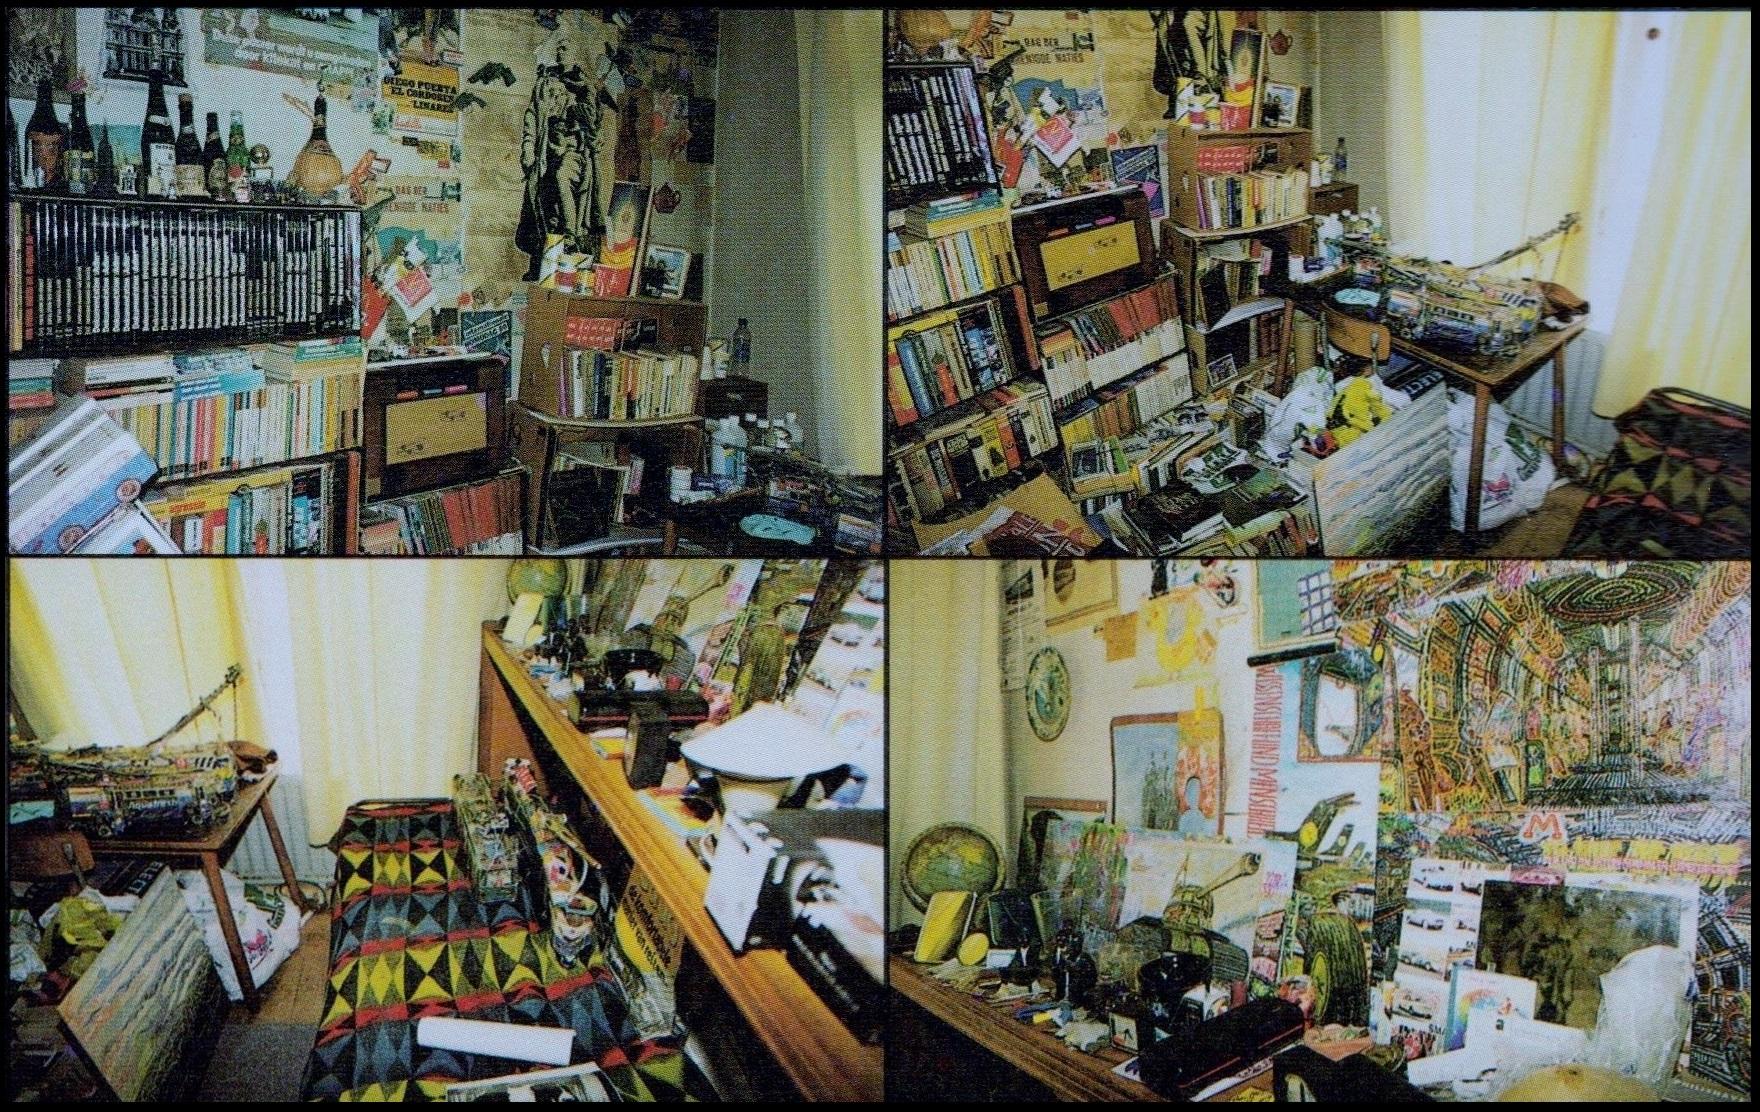 052 slaapkamer AvB